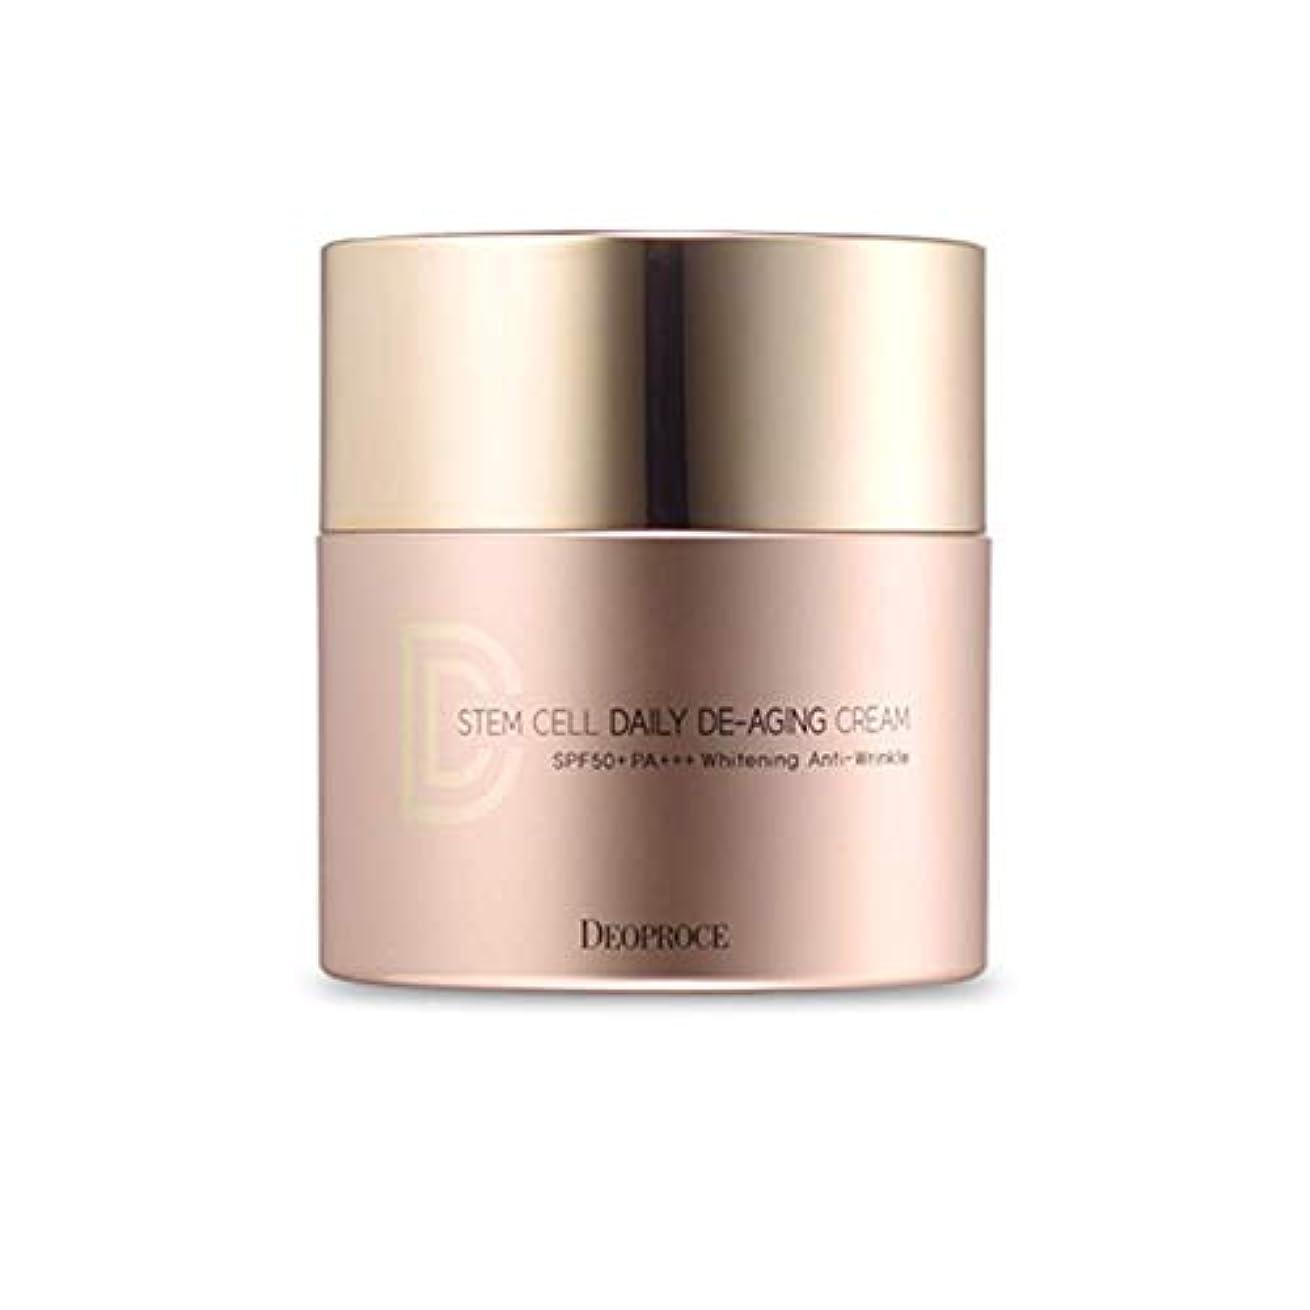 みすぼらしい指定する十分にDeoproce 韓国化粧品幹細胞デイリーエージングクリームDdクリームSPF 50 + PA +++ 21.ナチュラルベージュ [並行輸入品]